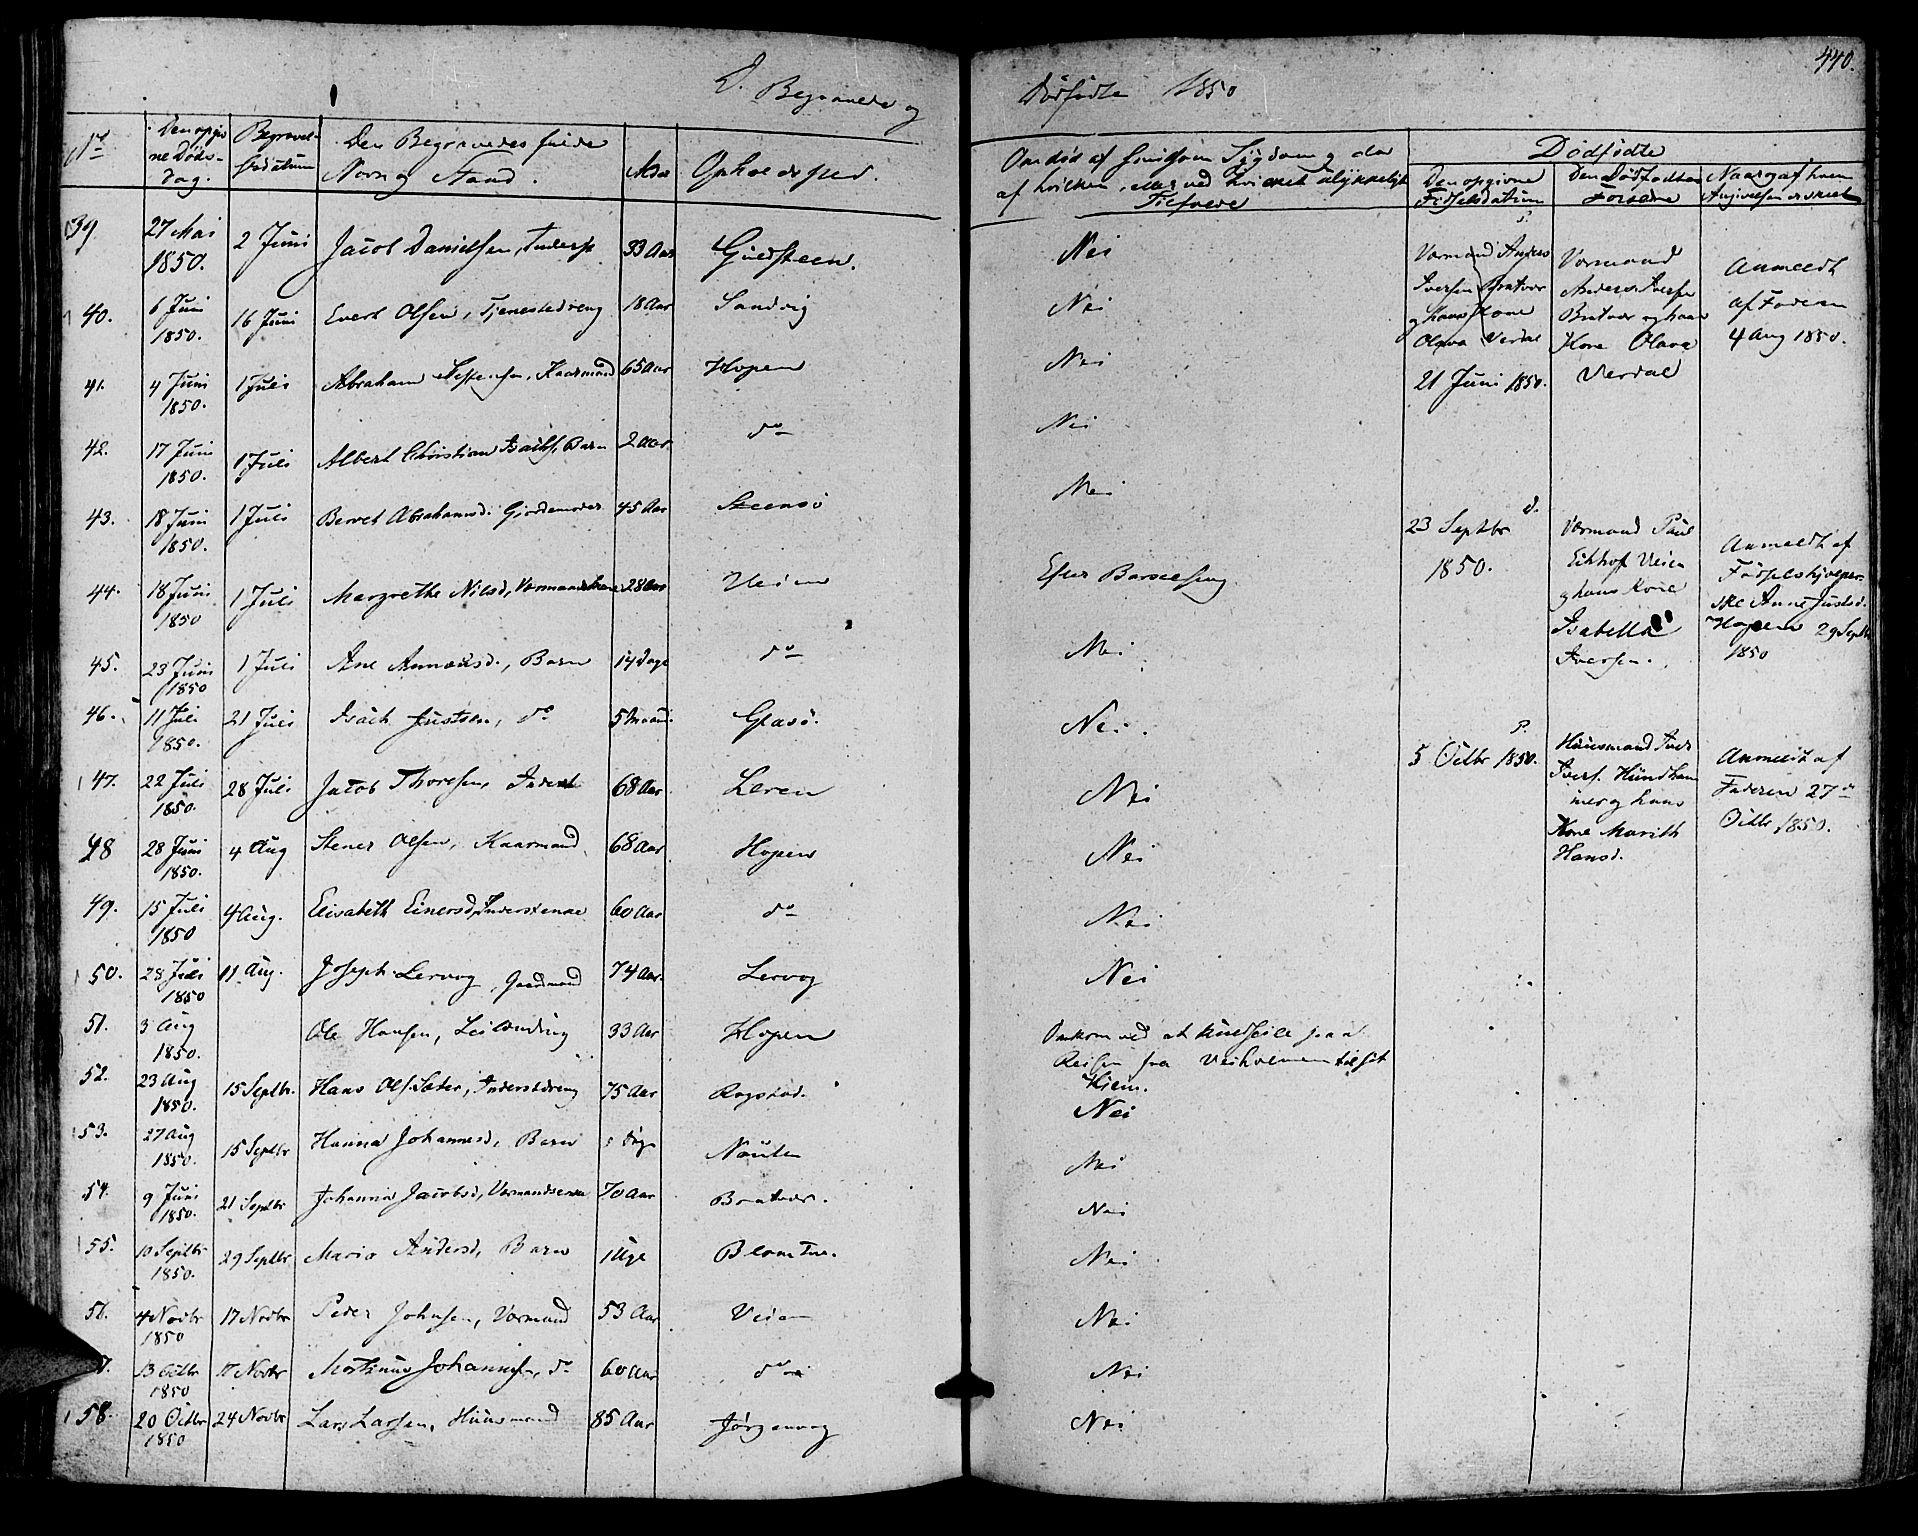 SAT, Ministerialprotokoller, klokkerbøker og fødselsregistre - Møre og Romsdal, 581/L0936: Ministerialbok nr. 581A04, 1836-1852, s. 440